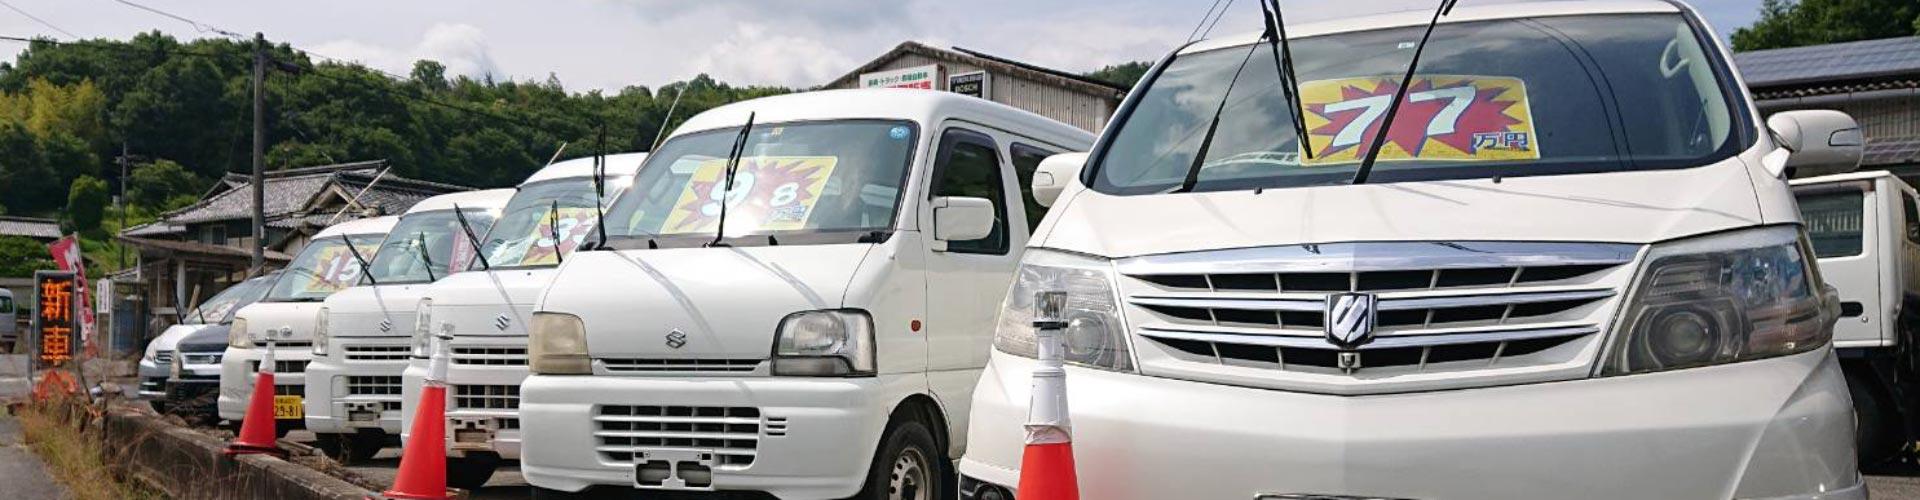 岡山の重機、トラック、各種自動車買取り、販売ならAIクリエイトへ2